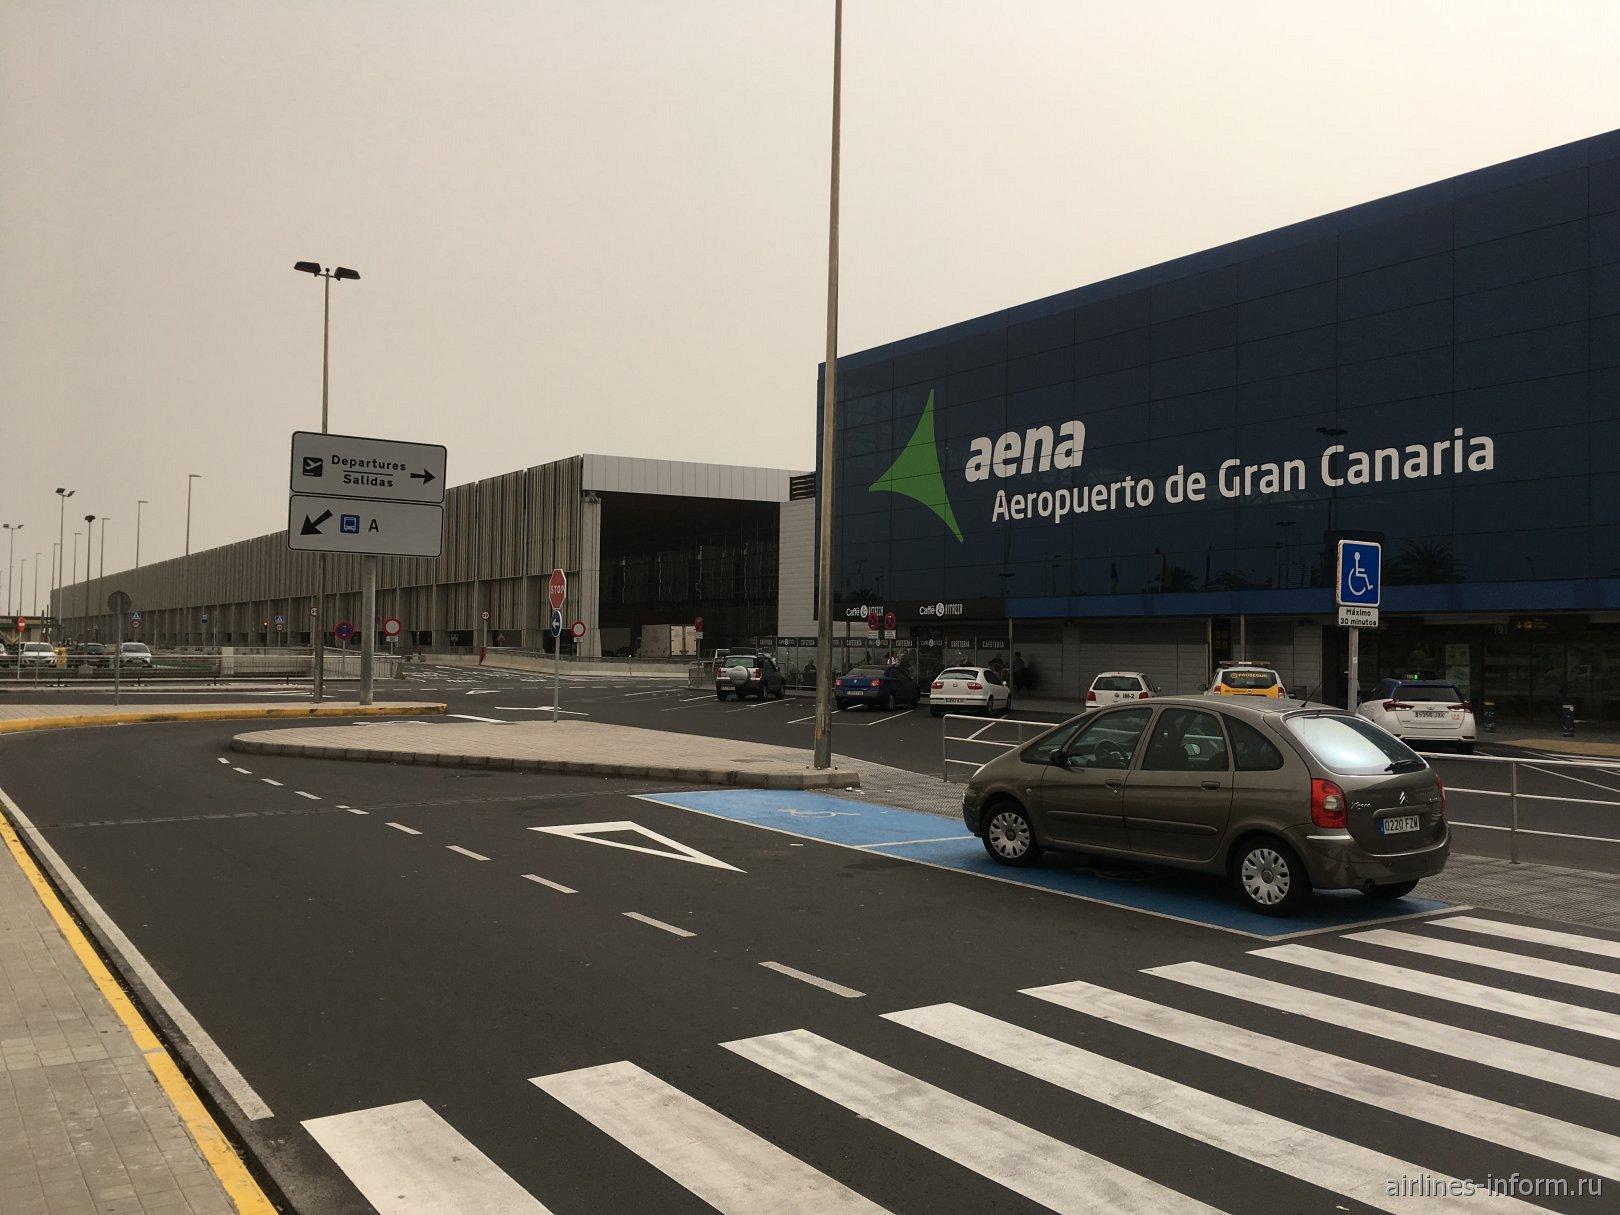 Вид на пассажирский терминал аэропорта Гран-Канария со стороны привокзальной площади